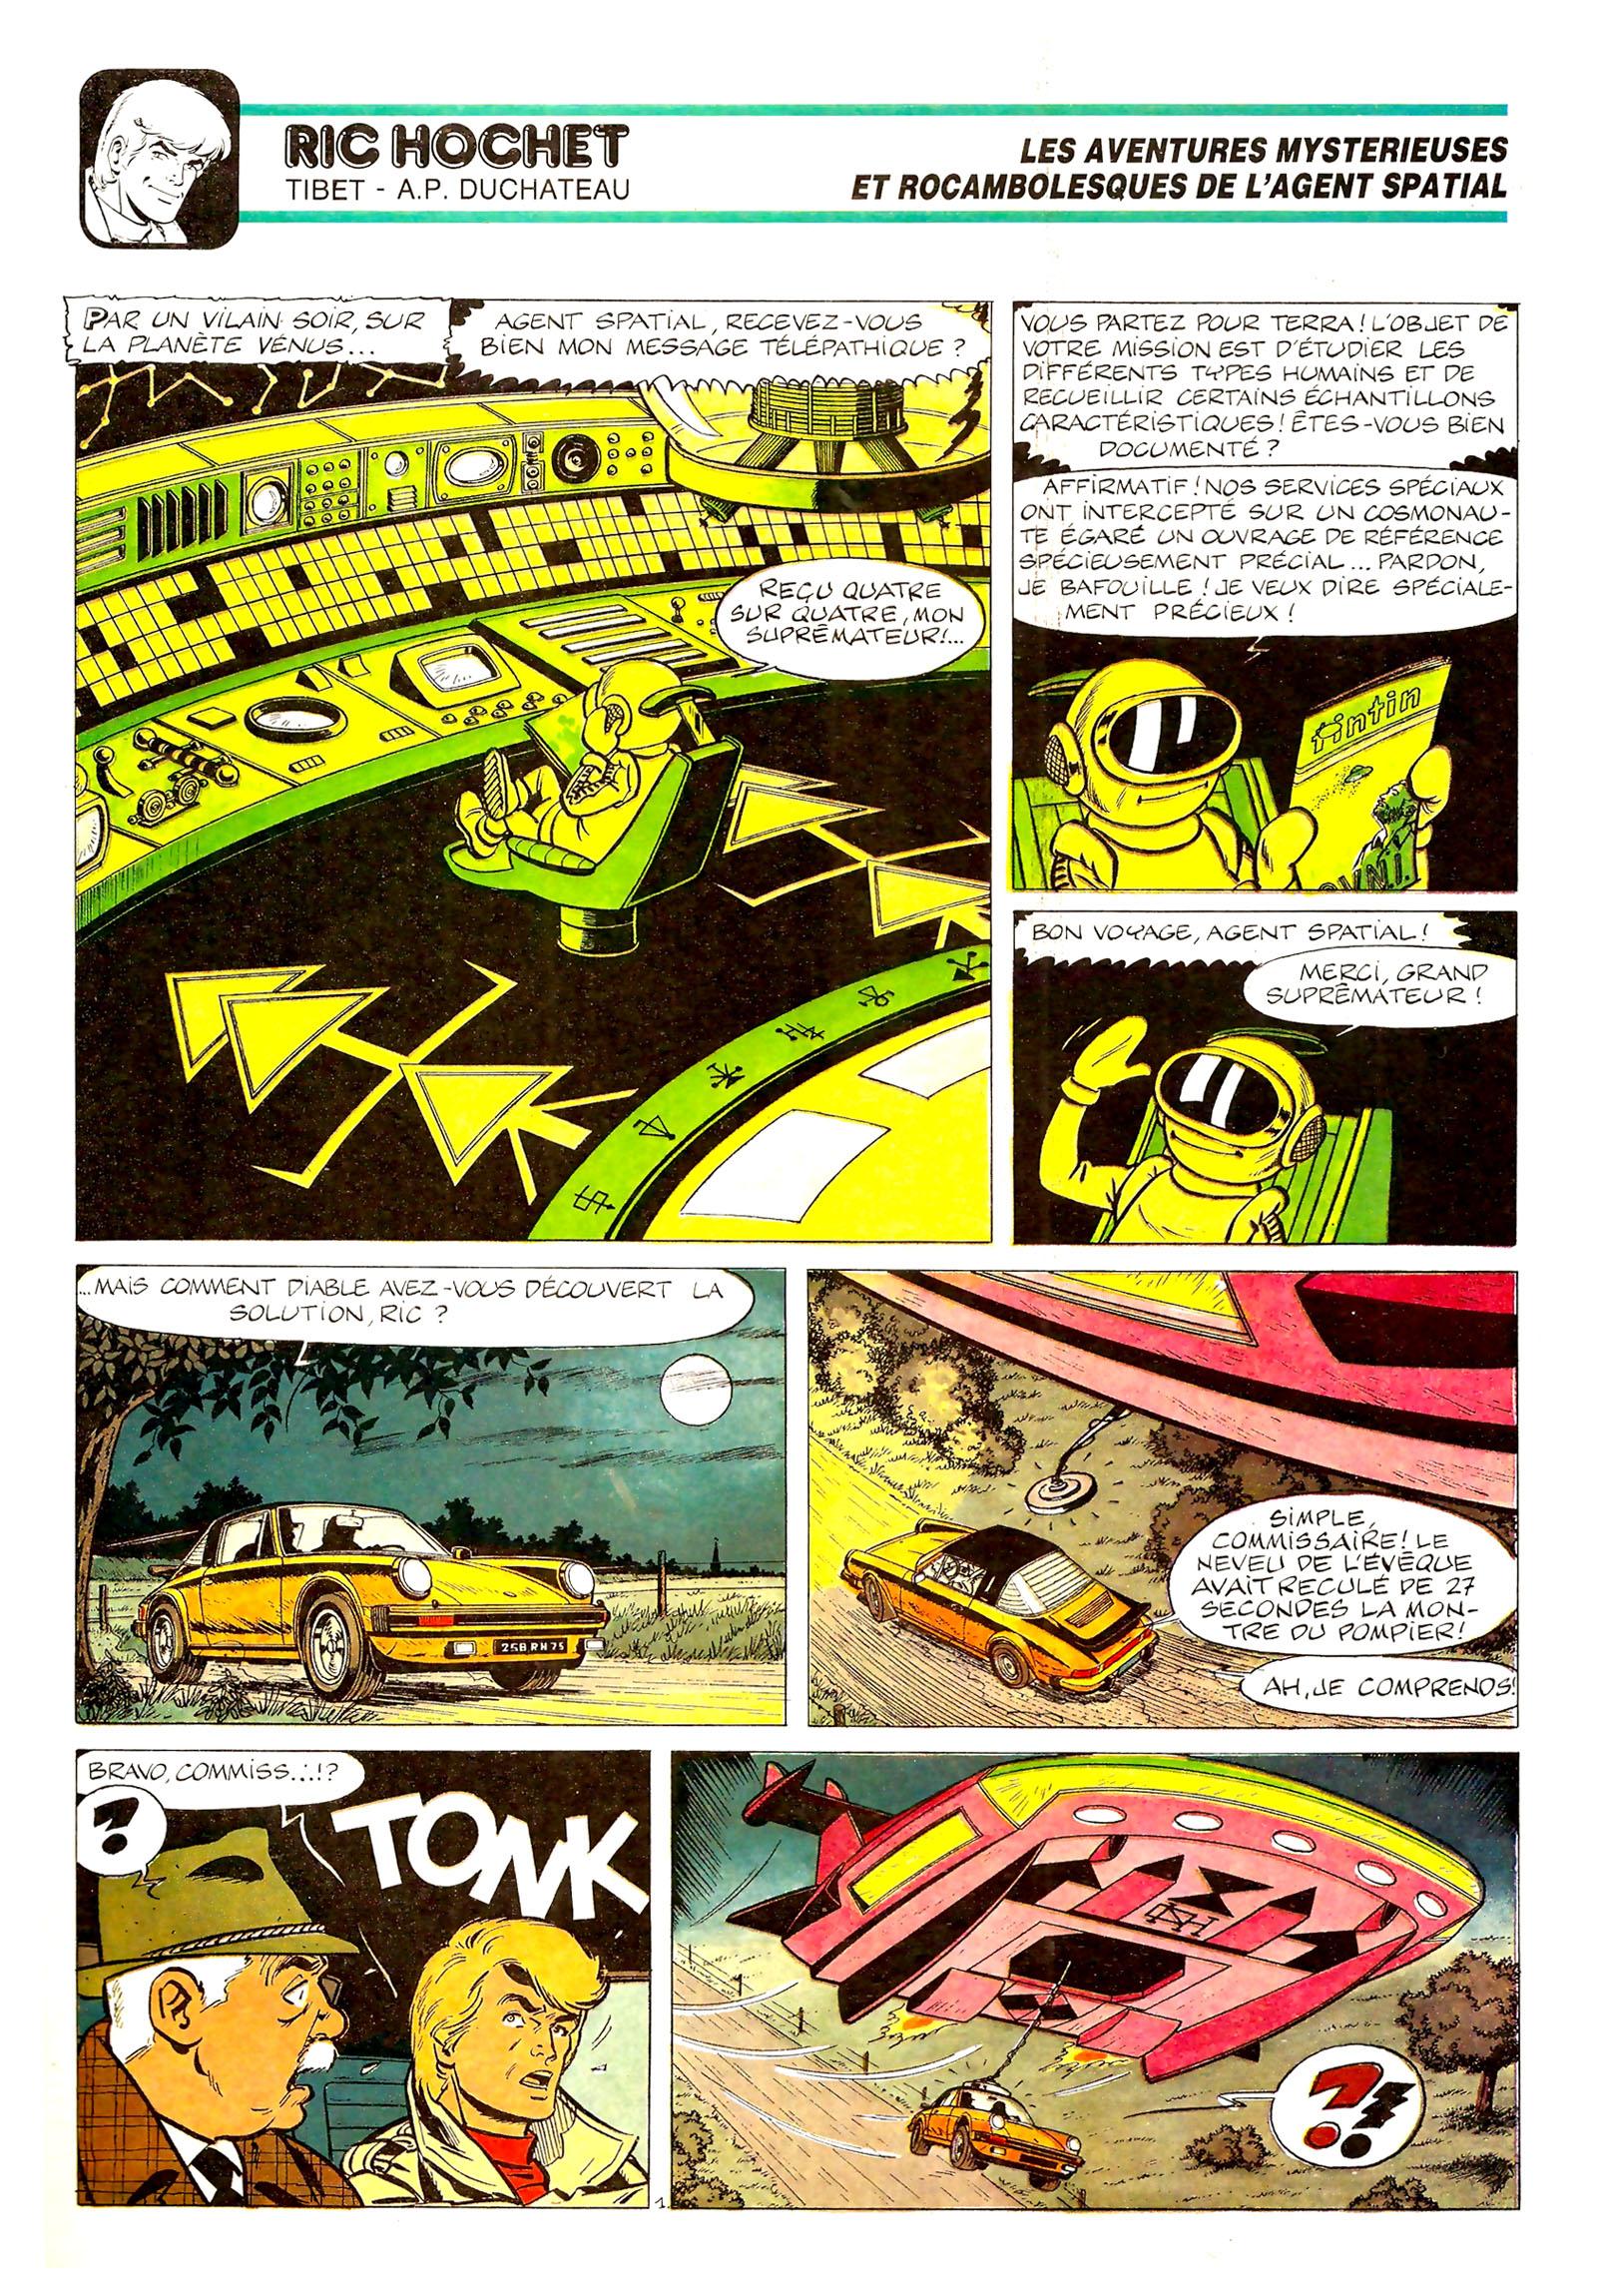 TINTIN - Les aventures de l'agent spatial